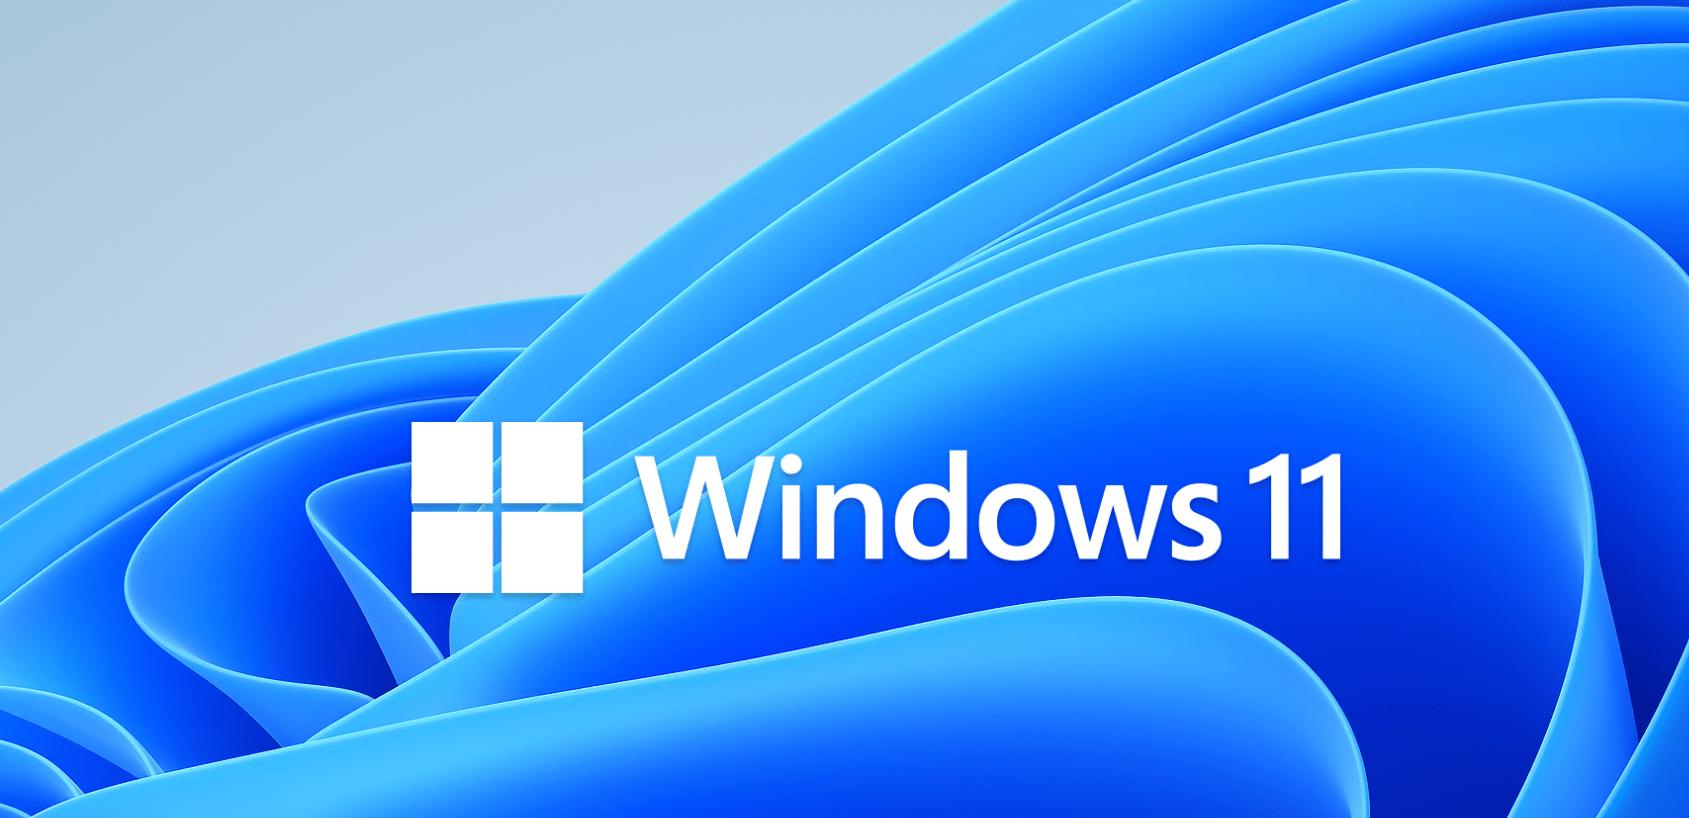 شركات أمريكية - كيف أبقت مايكروسوفت نظام الويندوز على القمة لمدة 20 عام